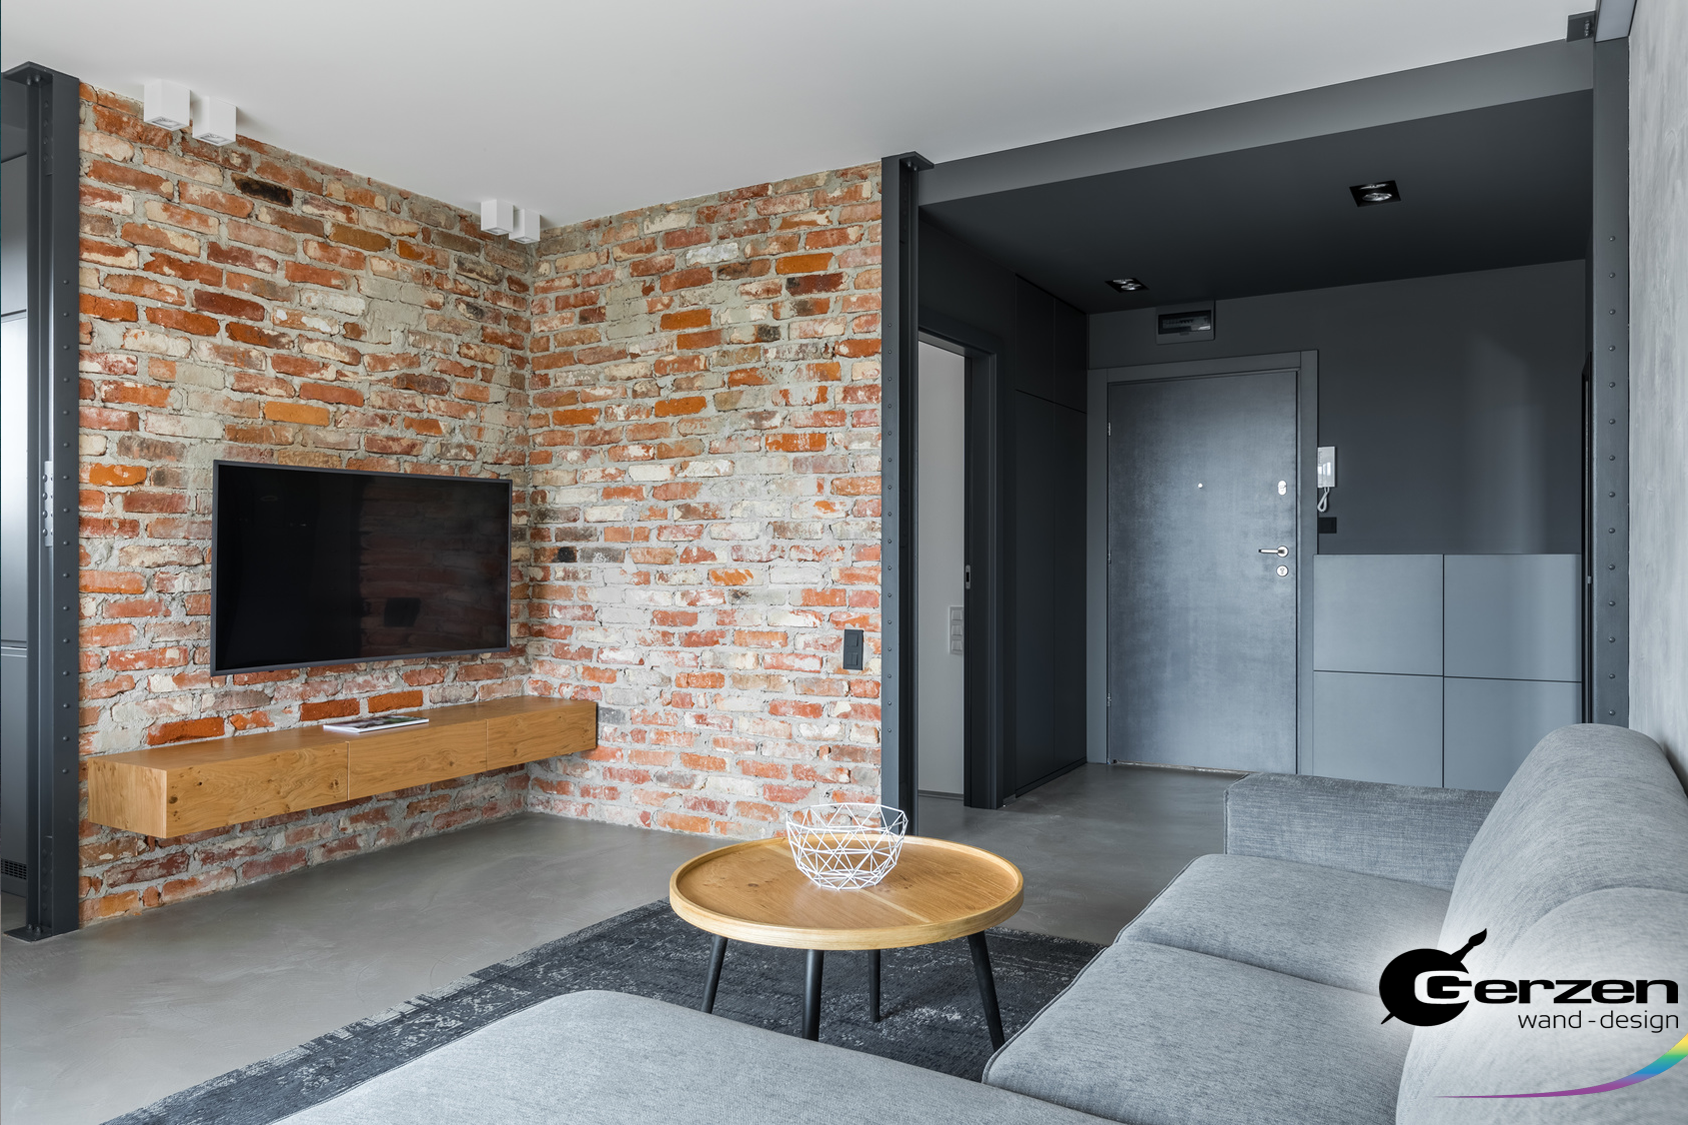 Steinwand im Wohnzimmer, Steinmauer, Backstein-Wand